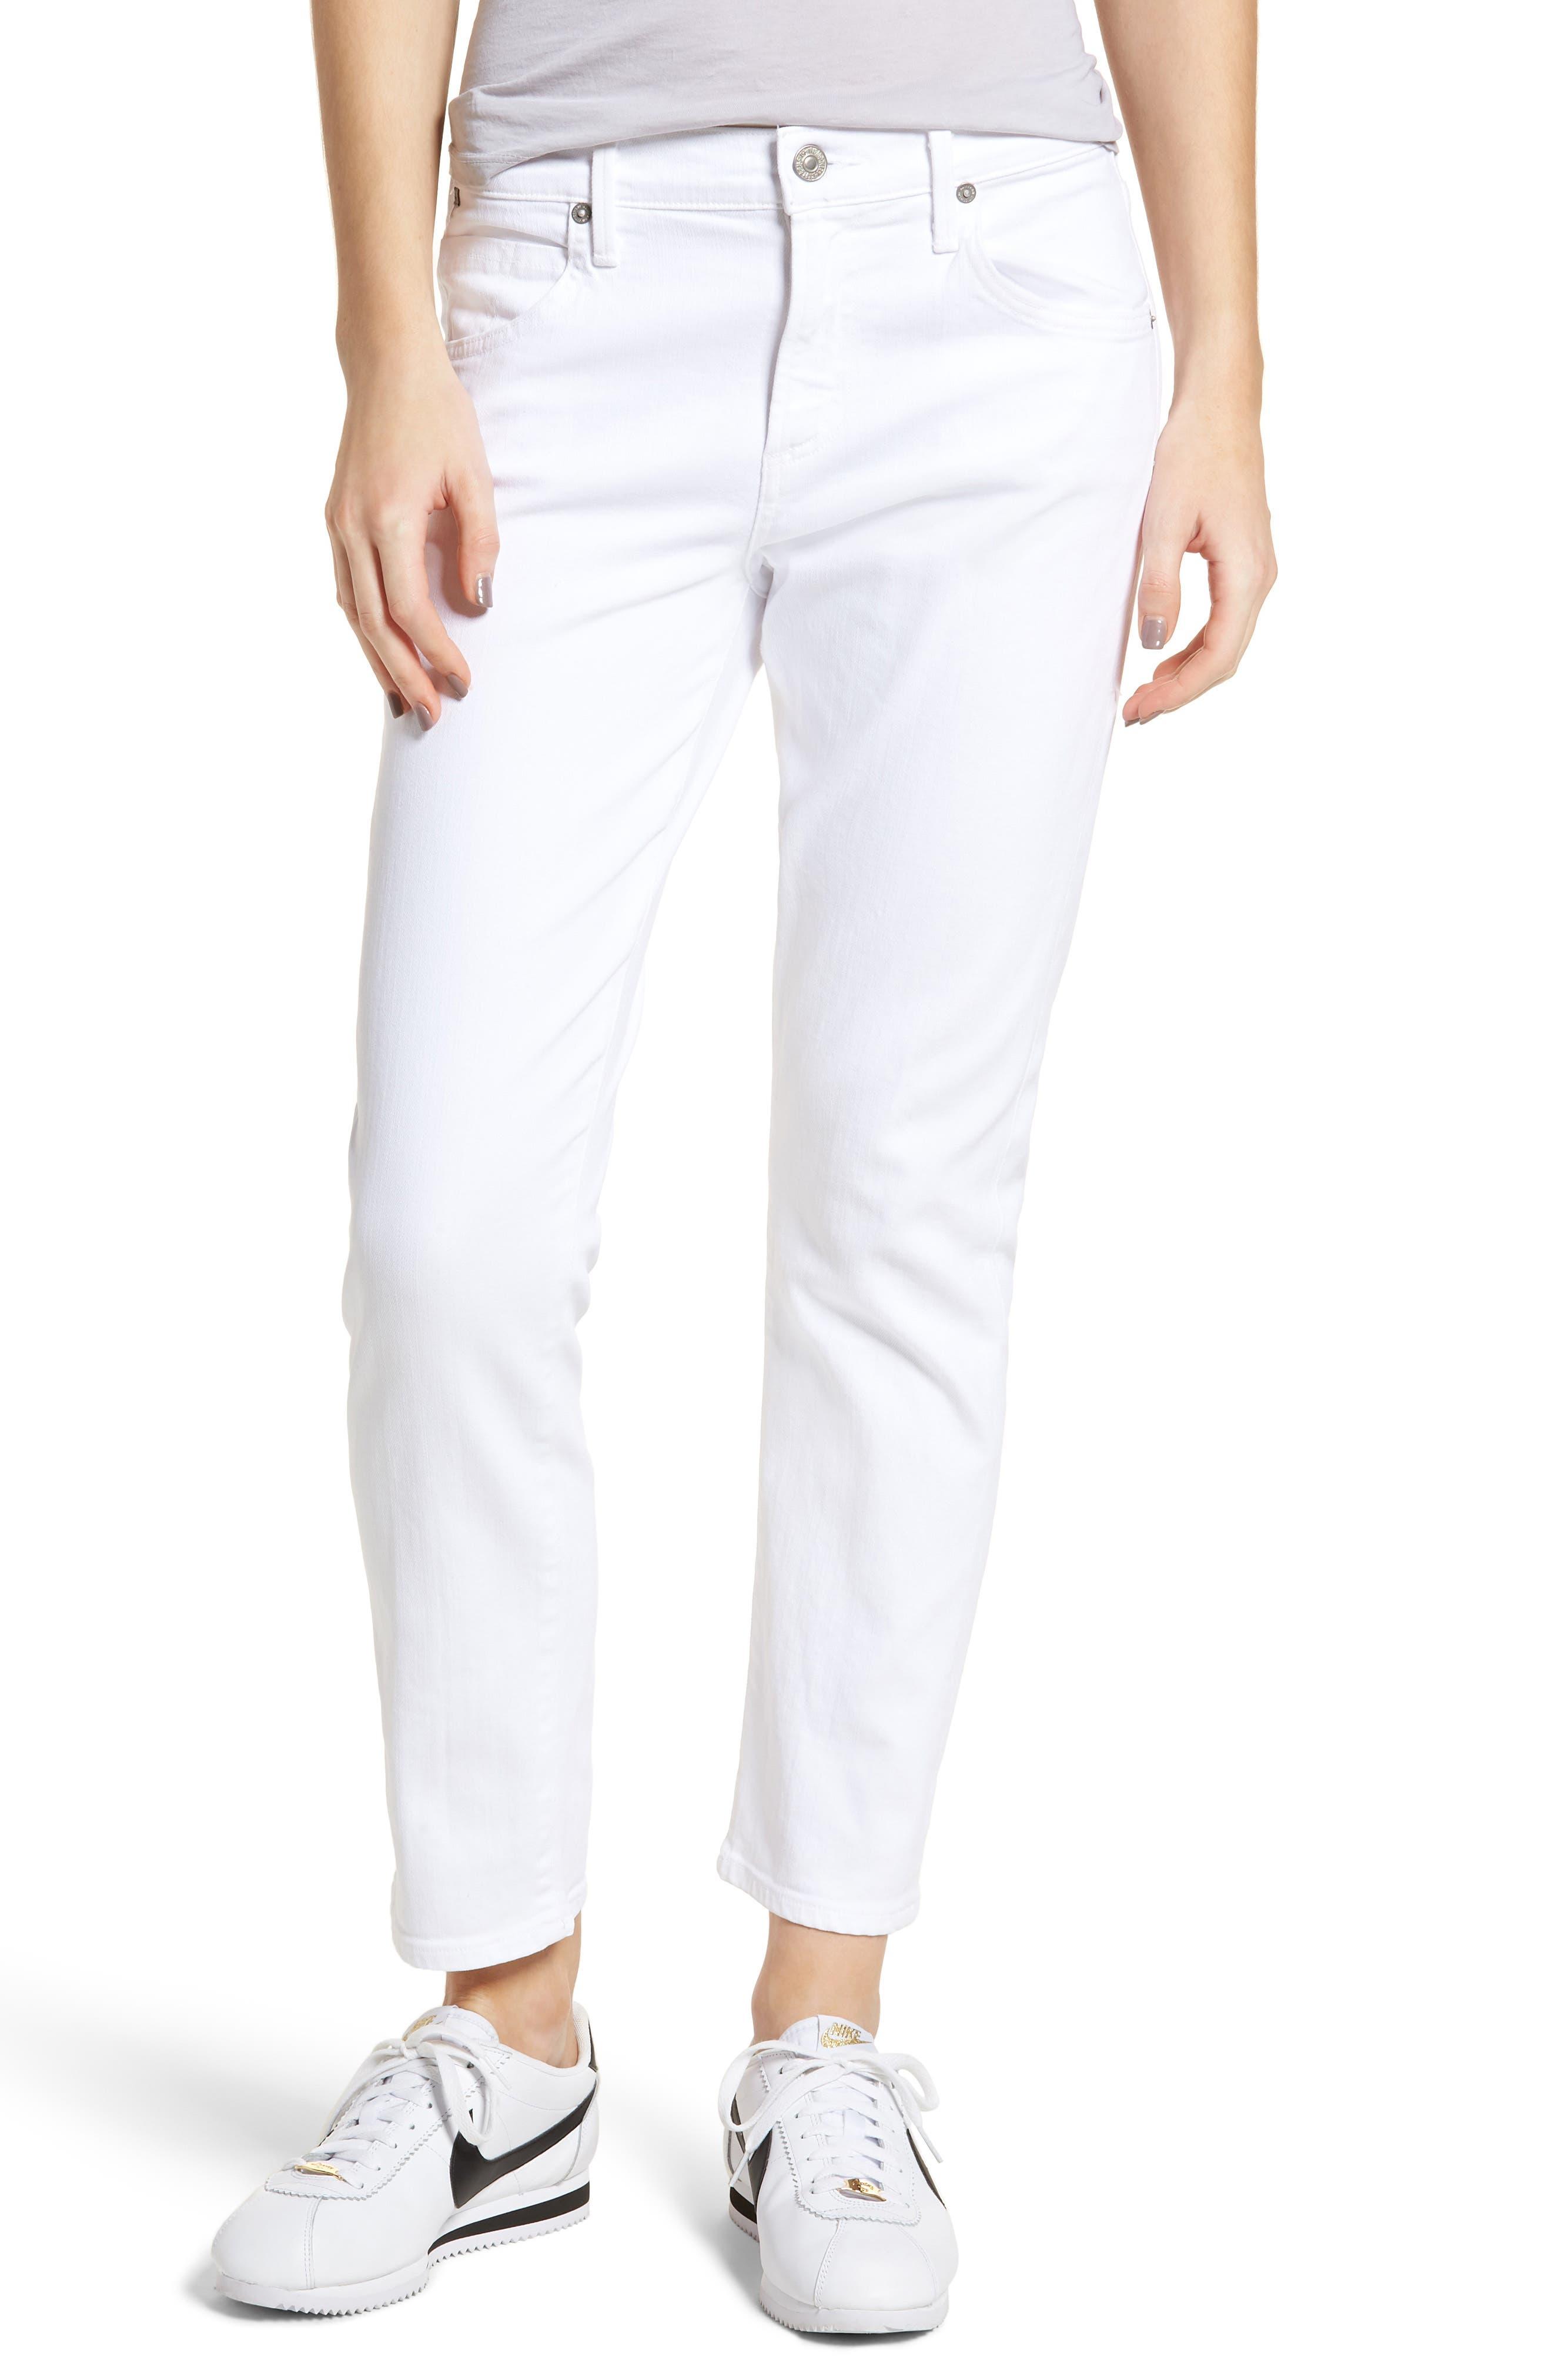 Elsa Ankle Skinny Jeans,                             Main thumbnail 1, color,                             OPTIC WHITE